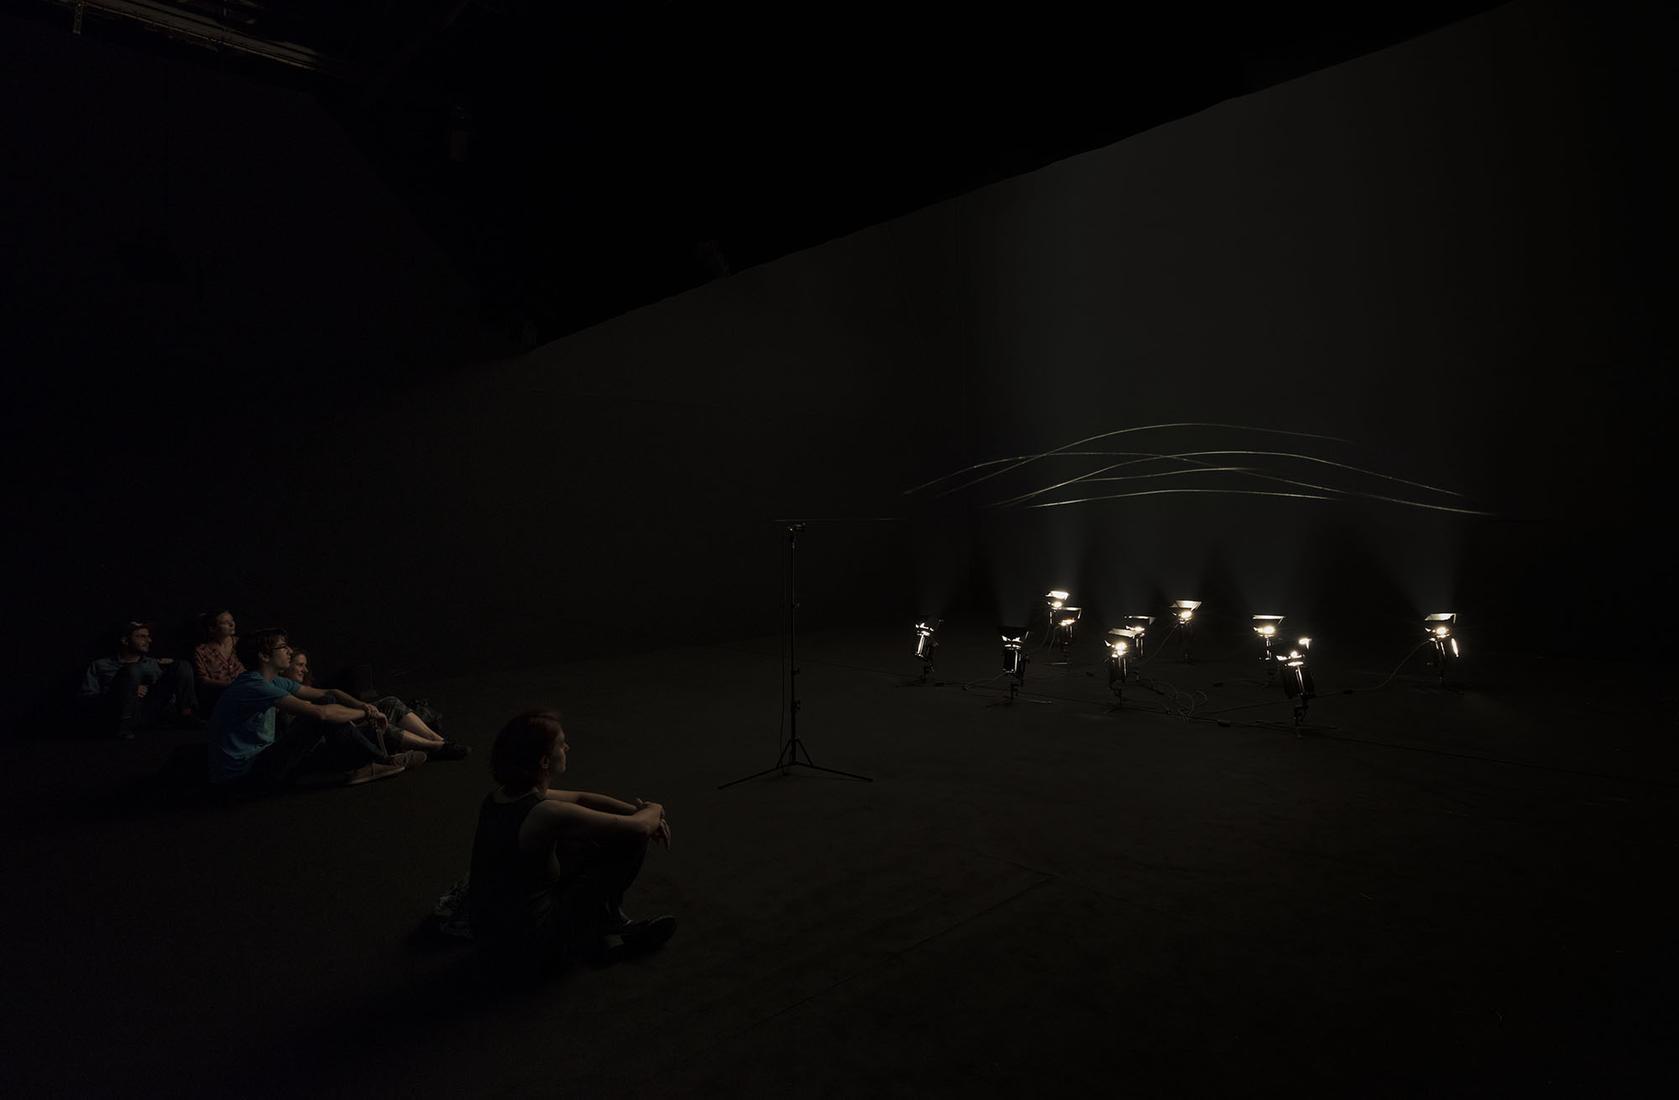 Tomás Saraceno: ON AIR - Exhibitions